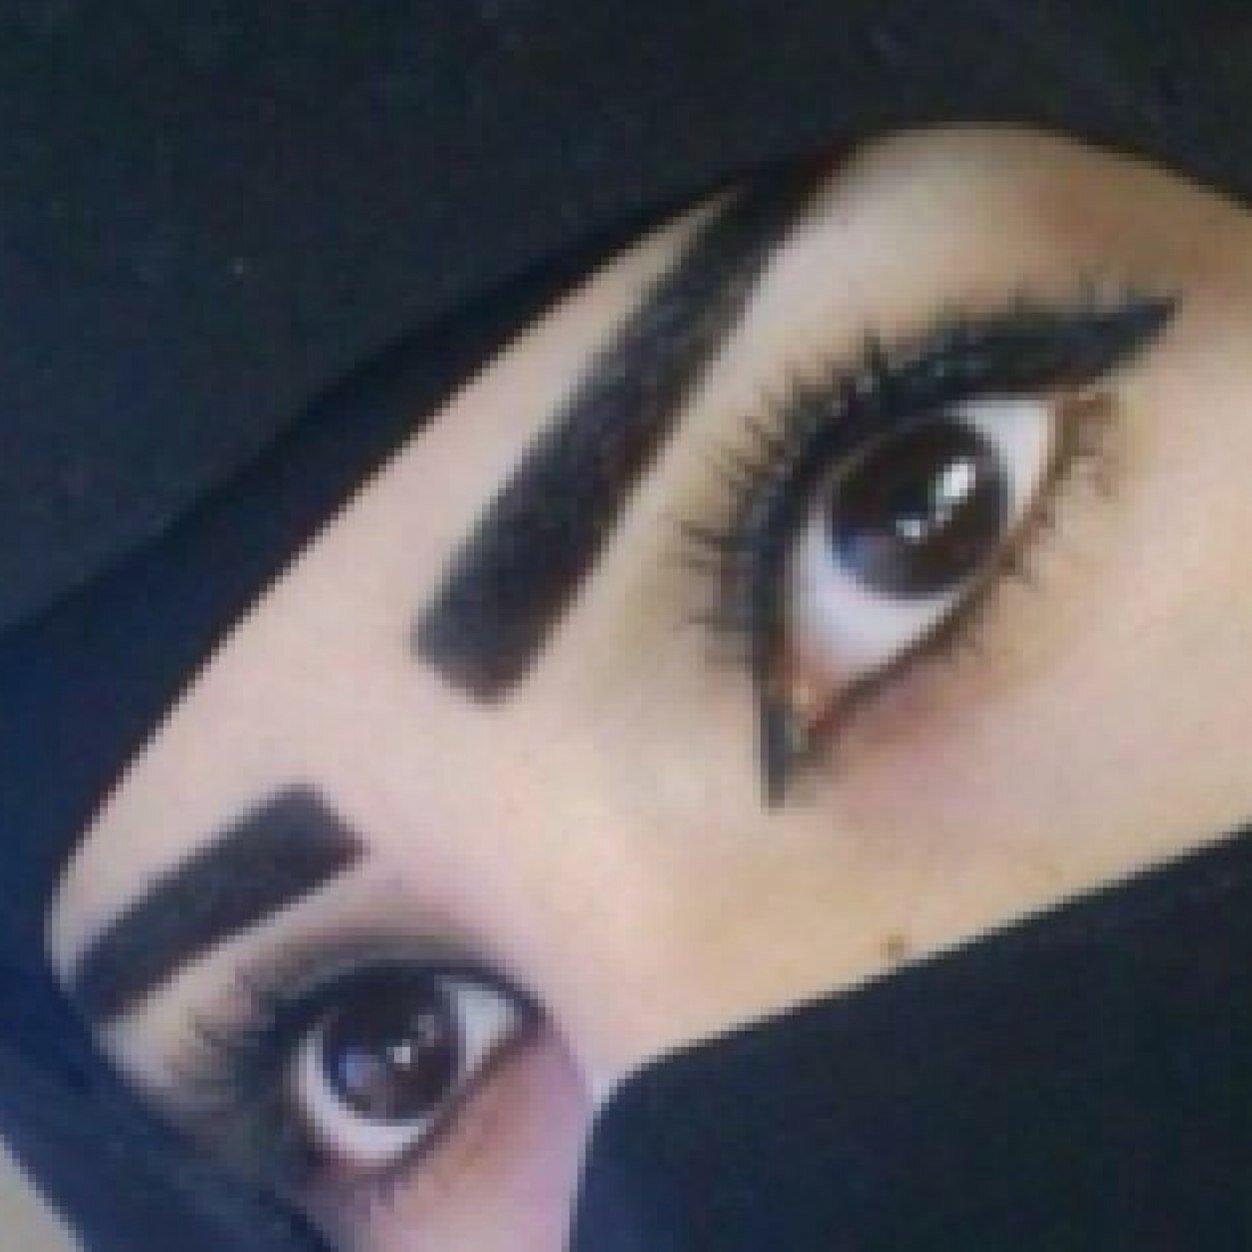 بالصور بنات البدو , صور لبنات البدو